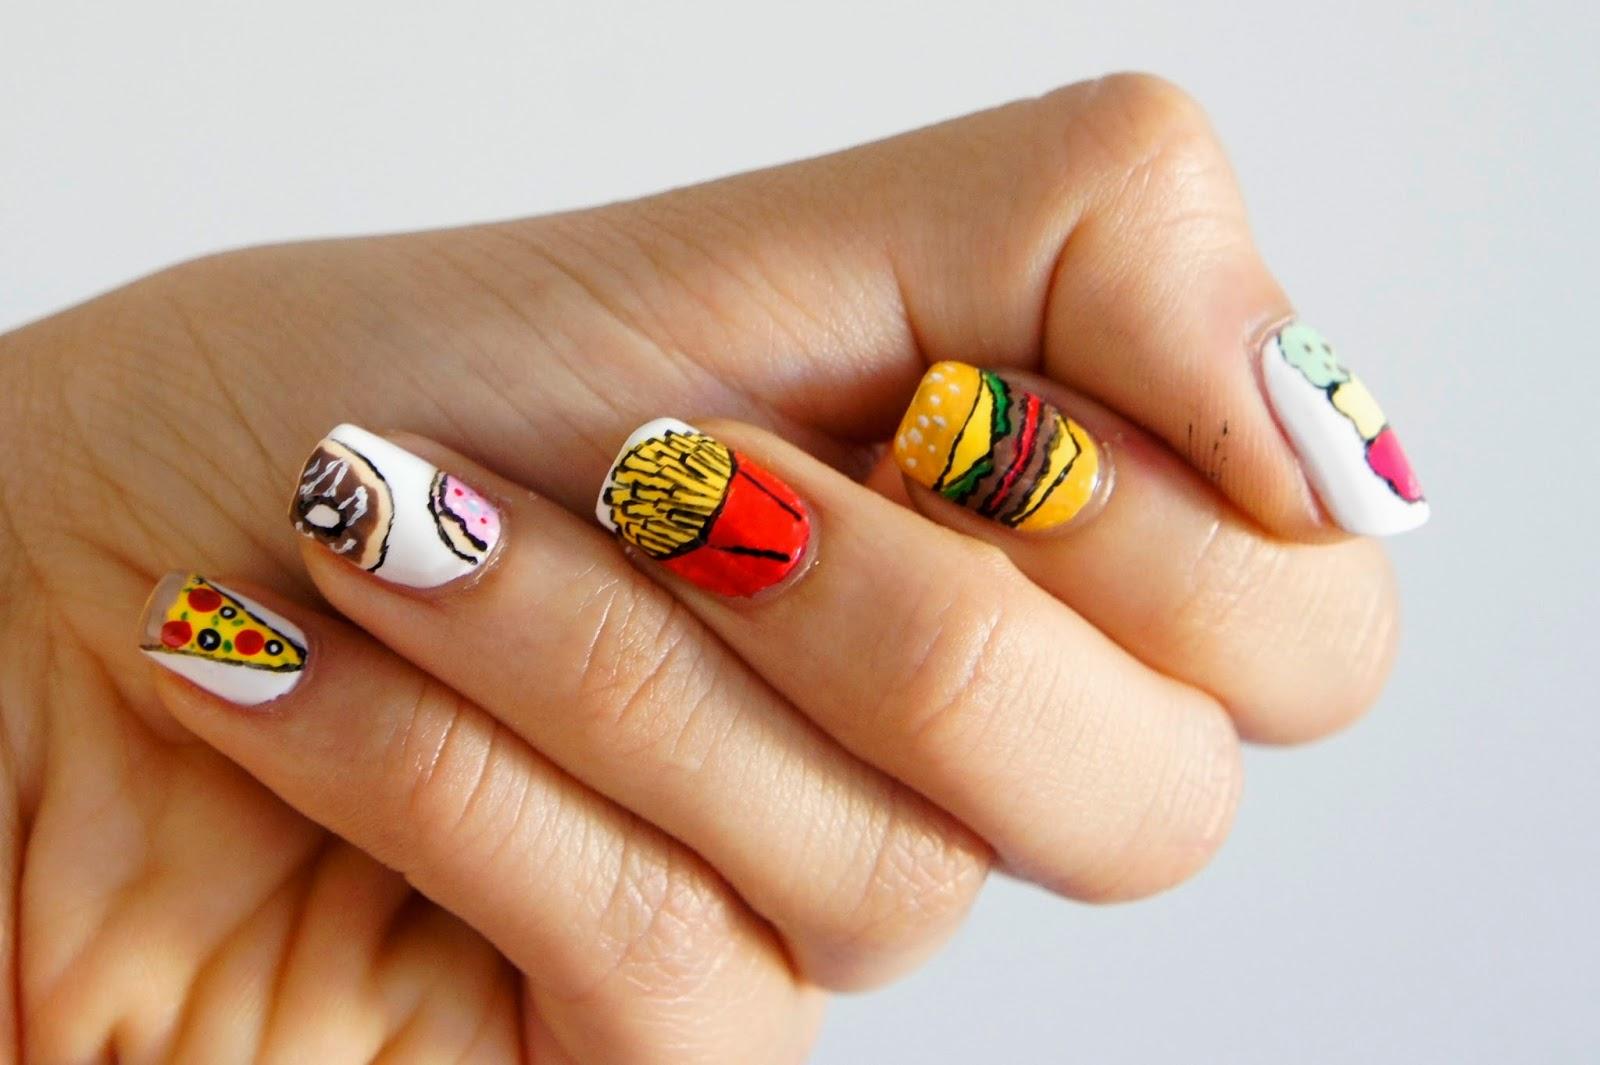 junk food nail art